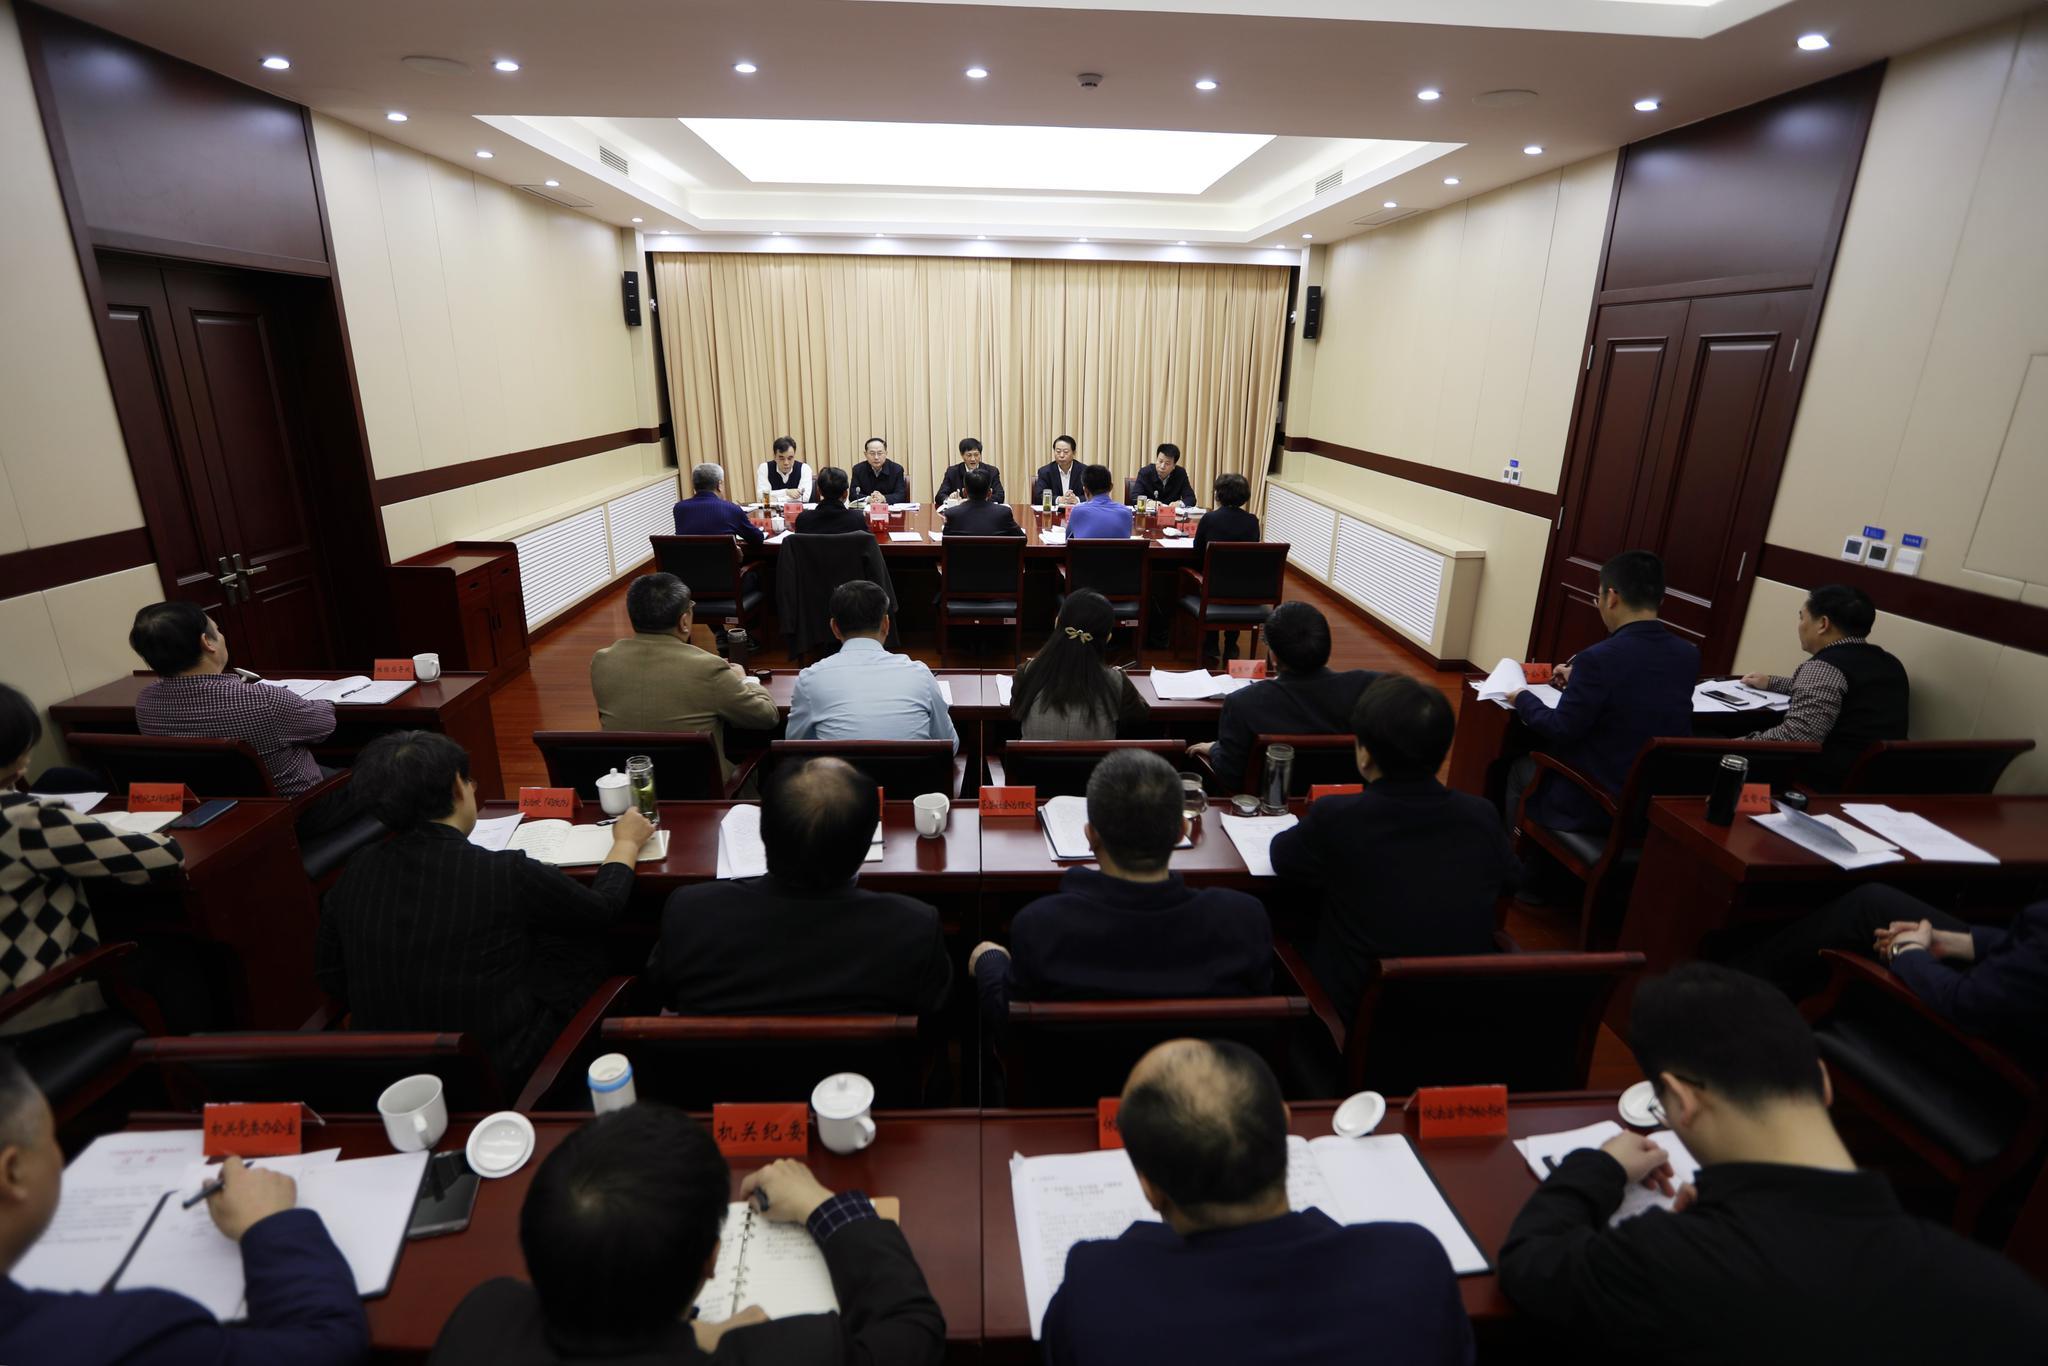 市委政法委召开领导干部会议 传达习近平总书记主题教育总结大会重要讲话精神